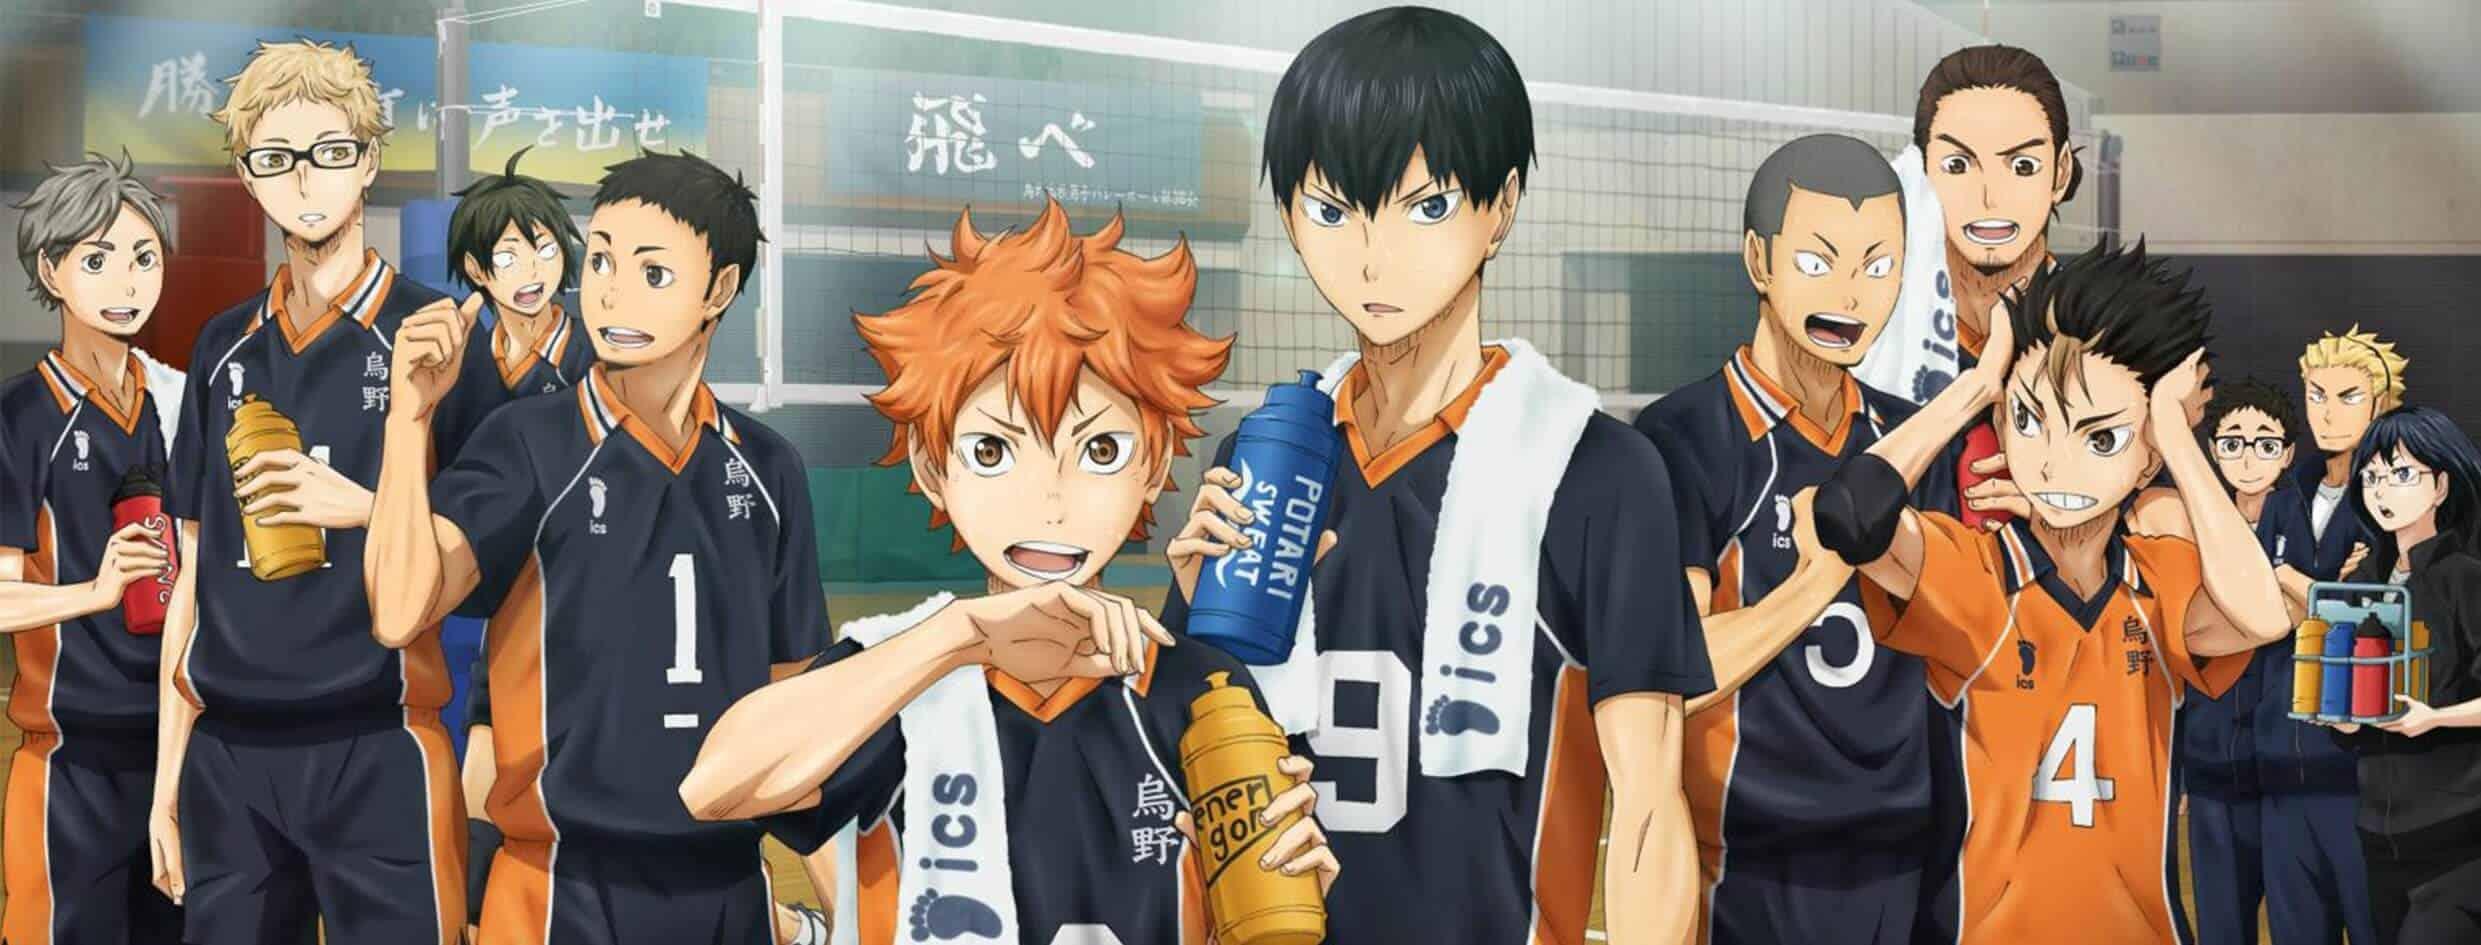 Animes de Esporte pt1 Cúpula Capa